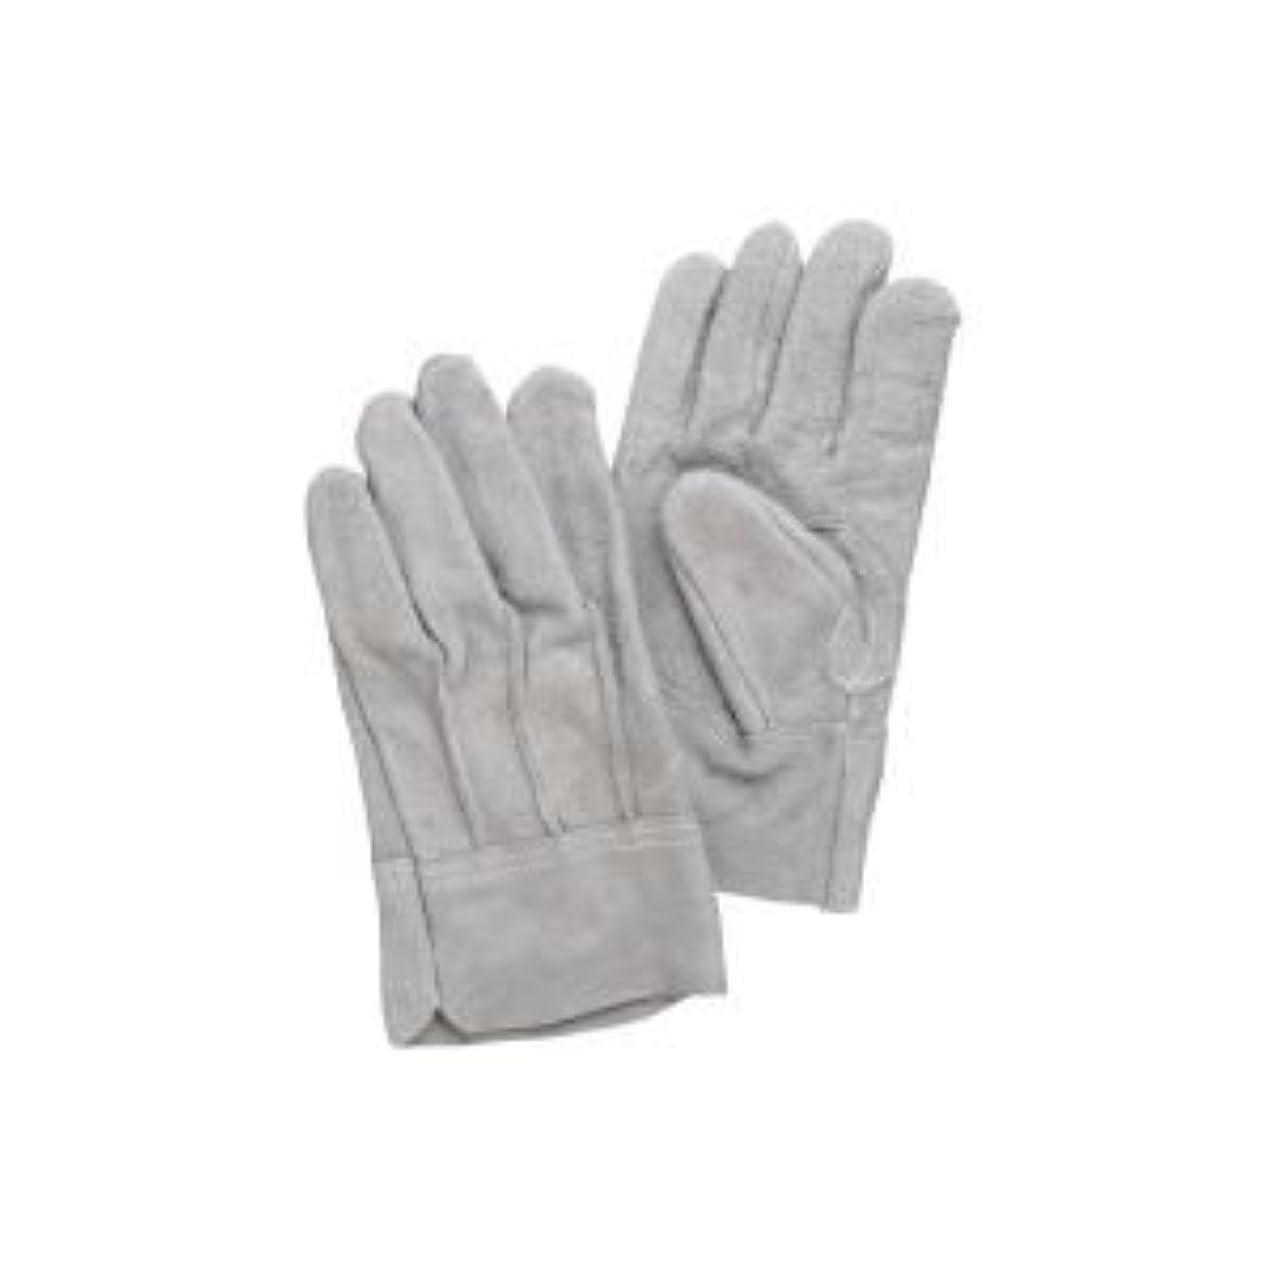 おしゃれじゃないはいソーセージ( お徳用 100セット ) 熱田資材 革手袋床革手袋 背縫い NO.11 グレー